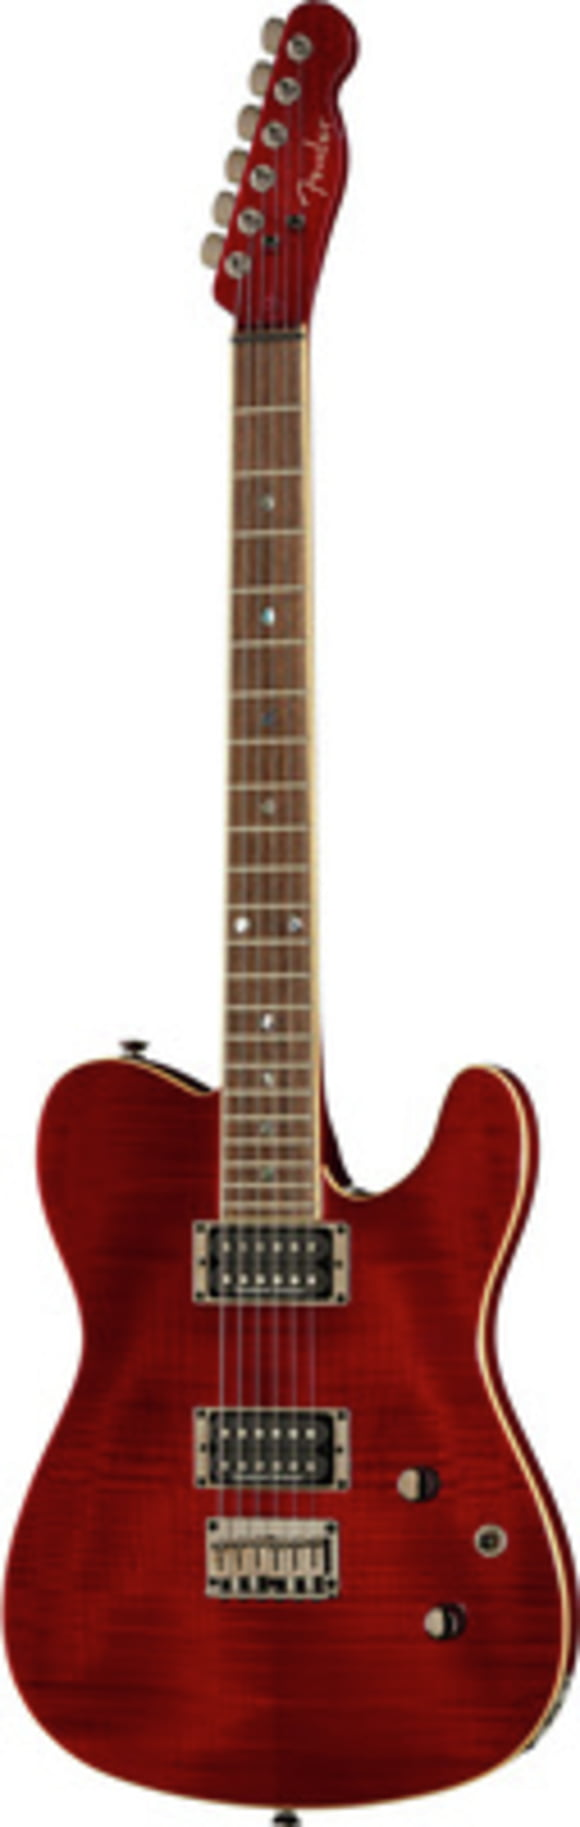 Custom Telecaster FMT HH CRTIL Fender